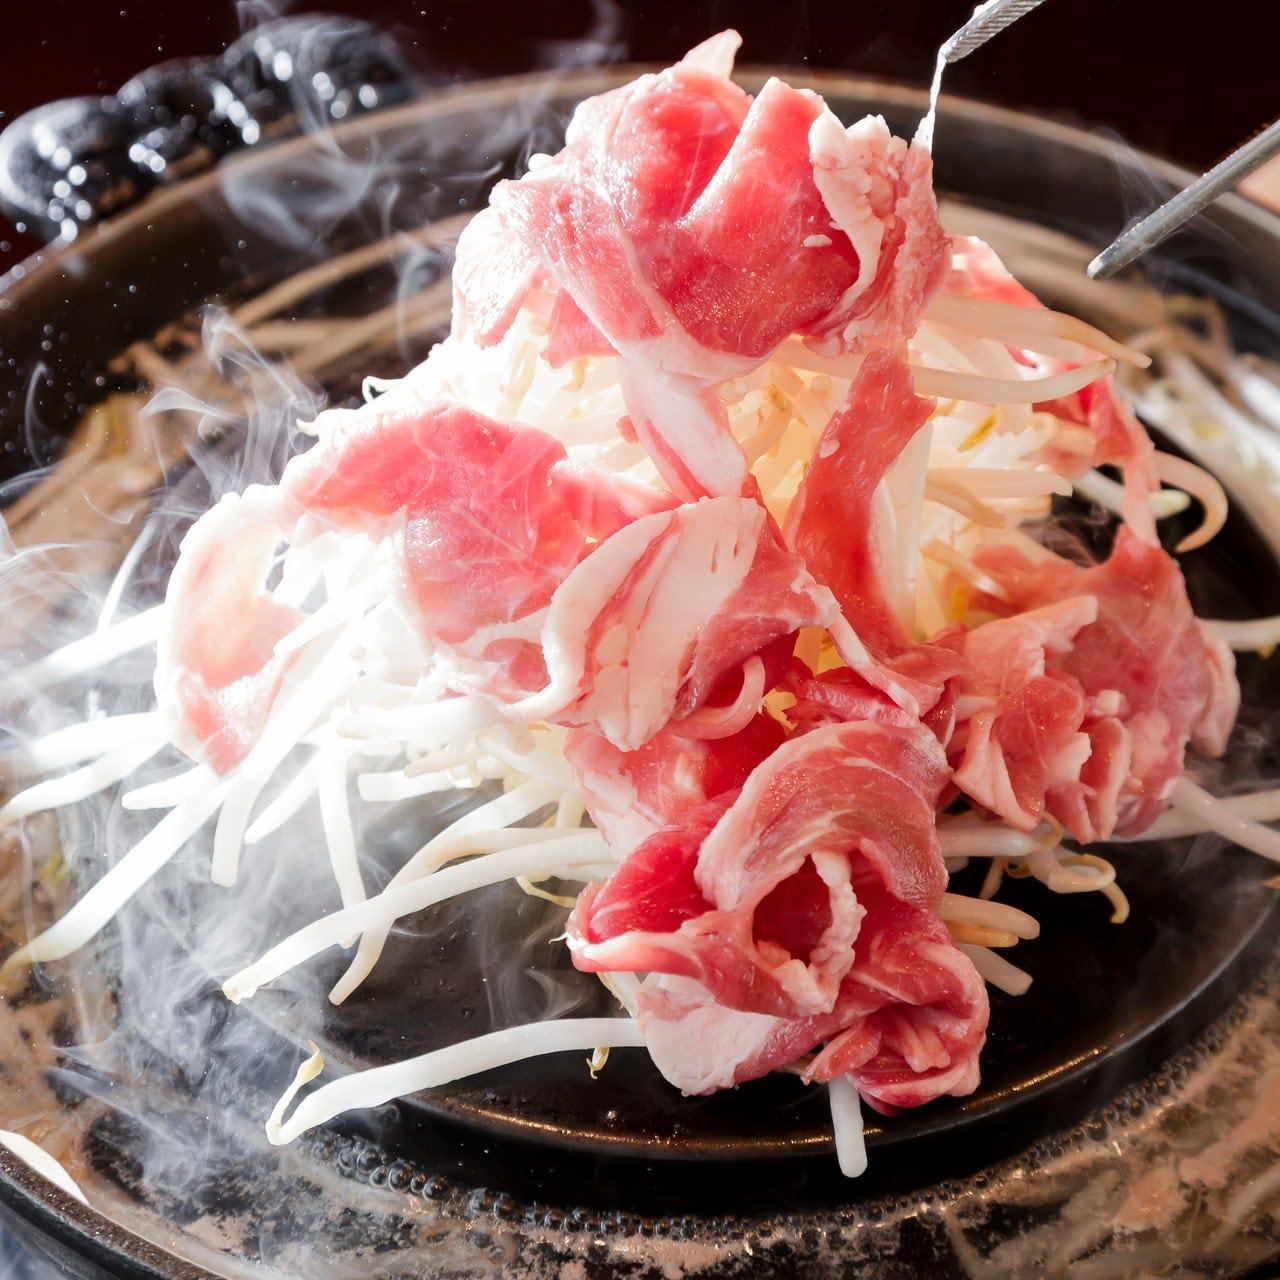 超希少な国内産の生ラム肉も限定入荷